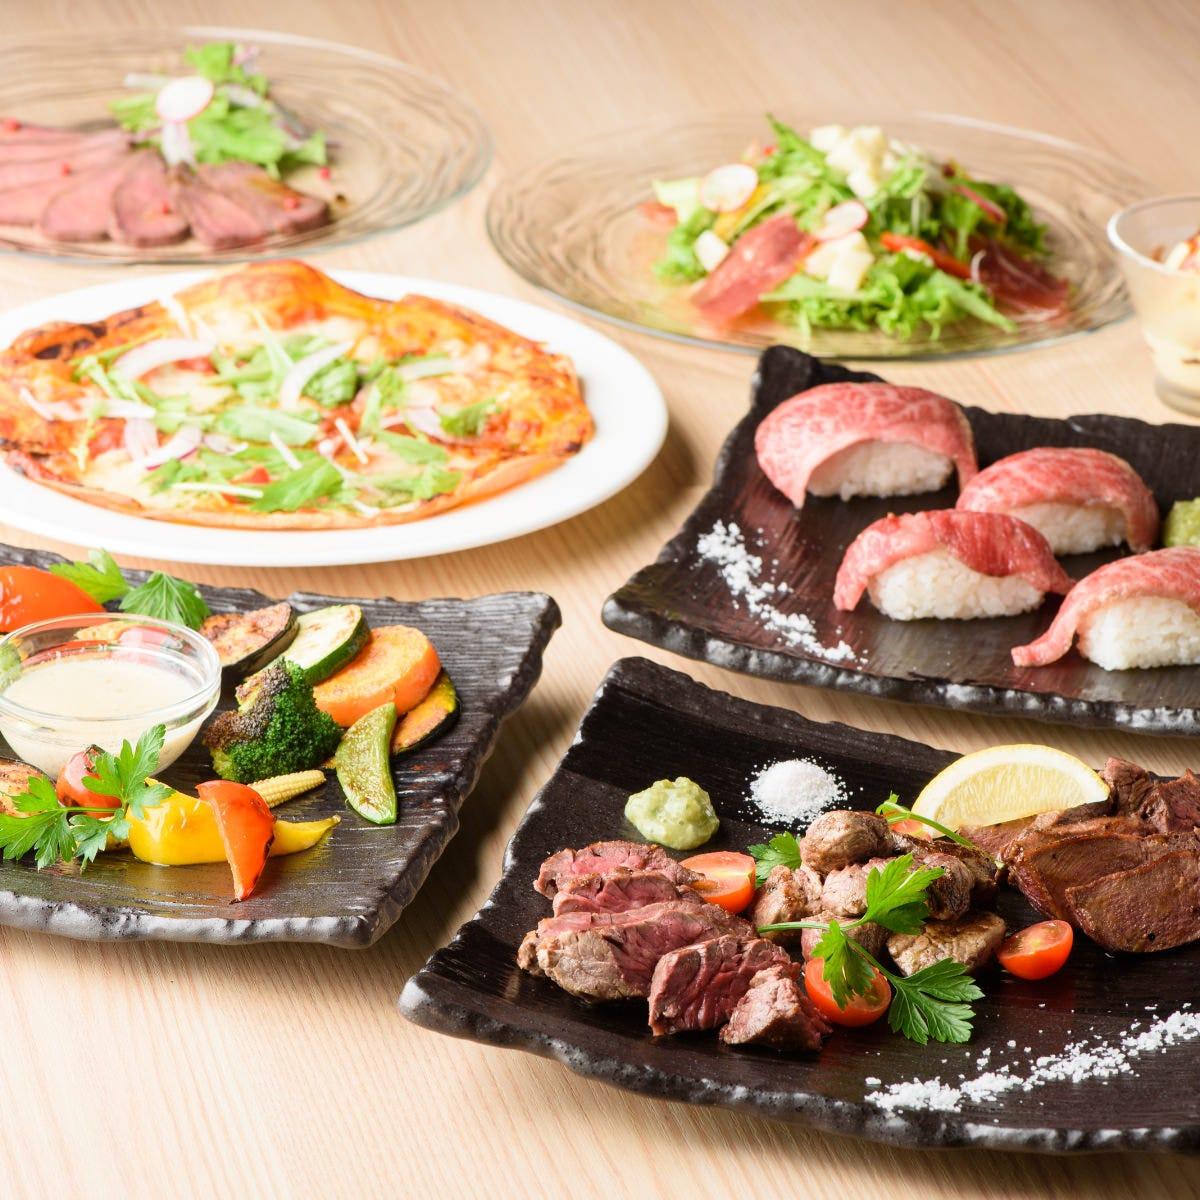 肉料理を心行くまで堪能できるコース